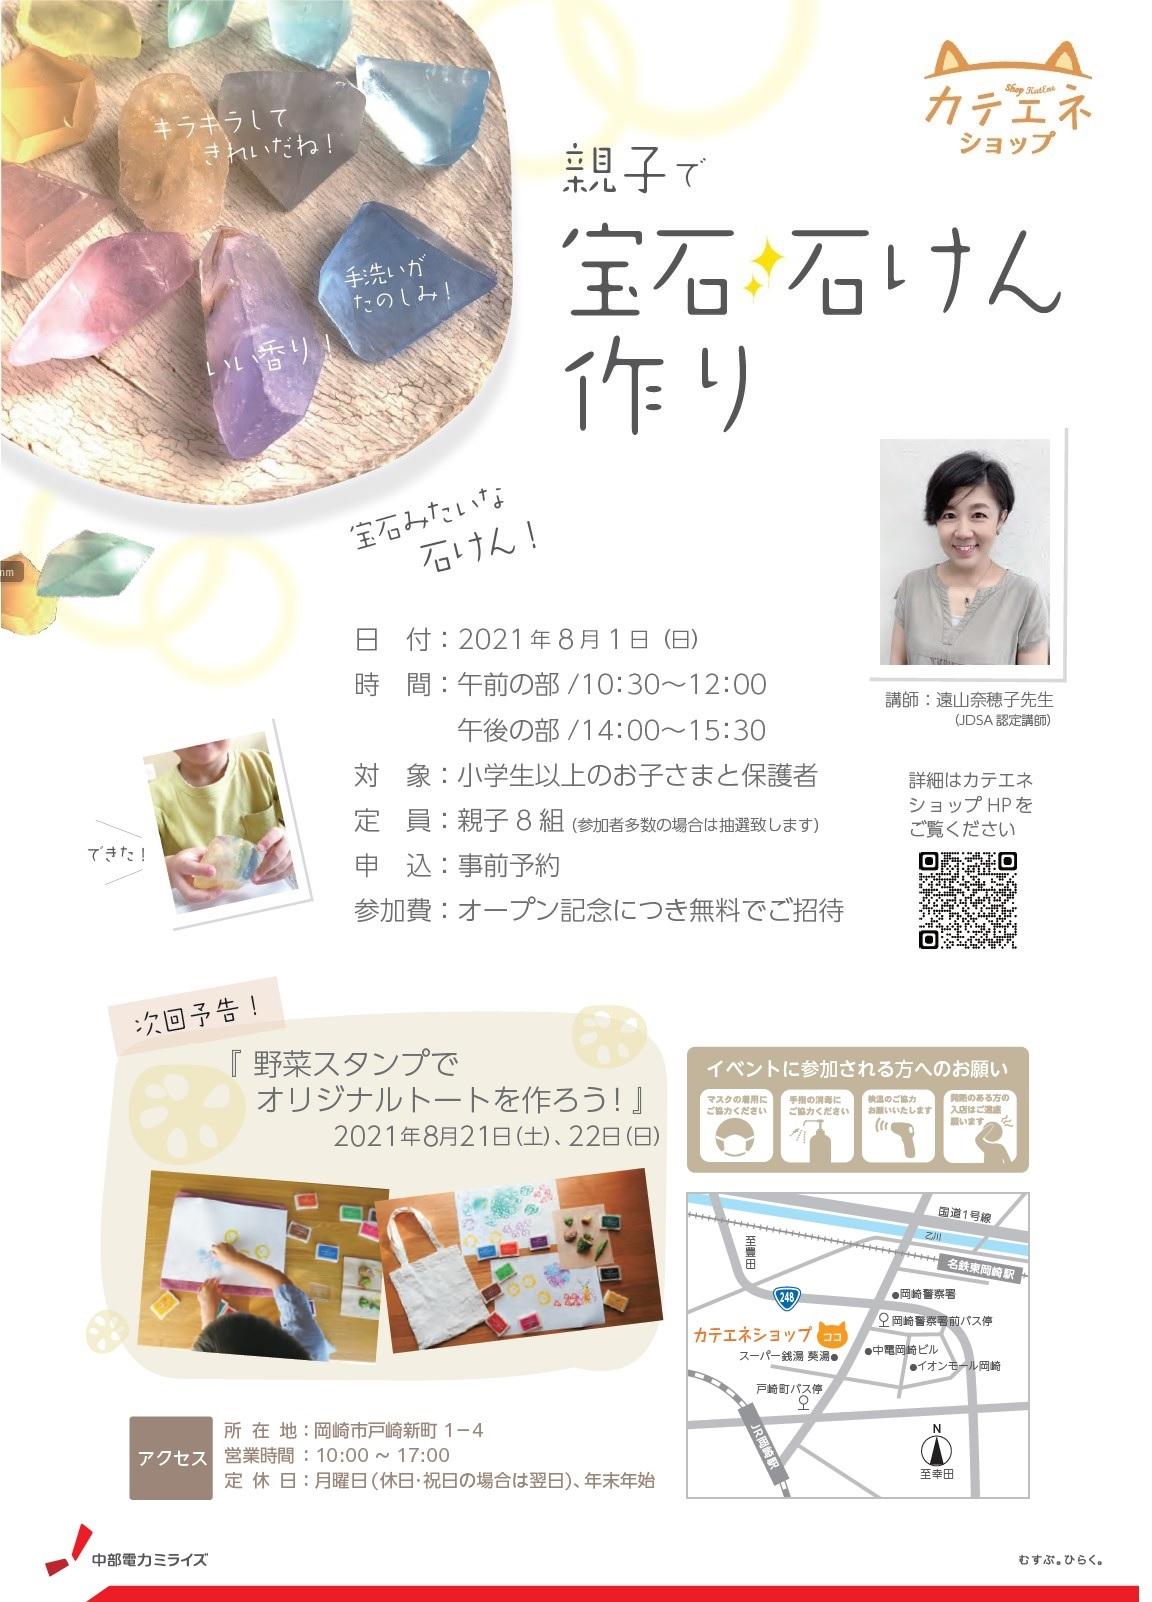 【夏休み企画!カテエネワークショップ「親子で宝石石けん作り」】